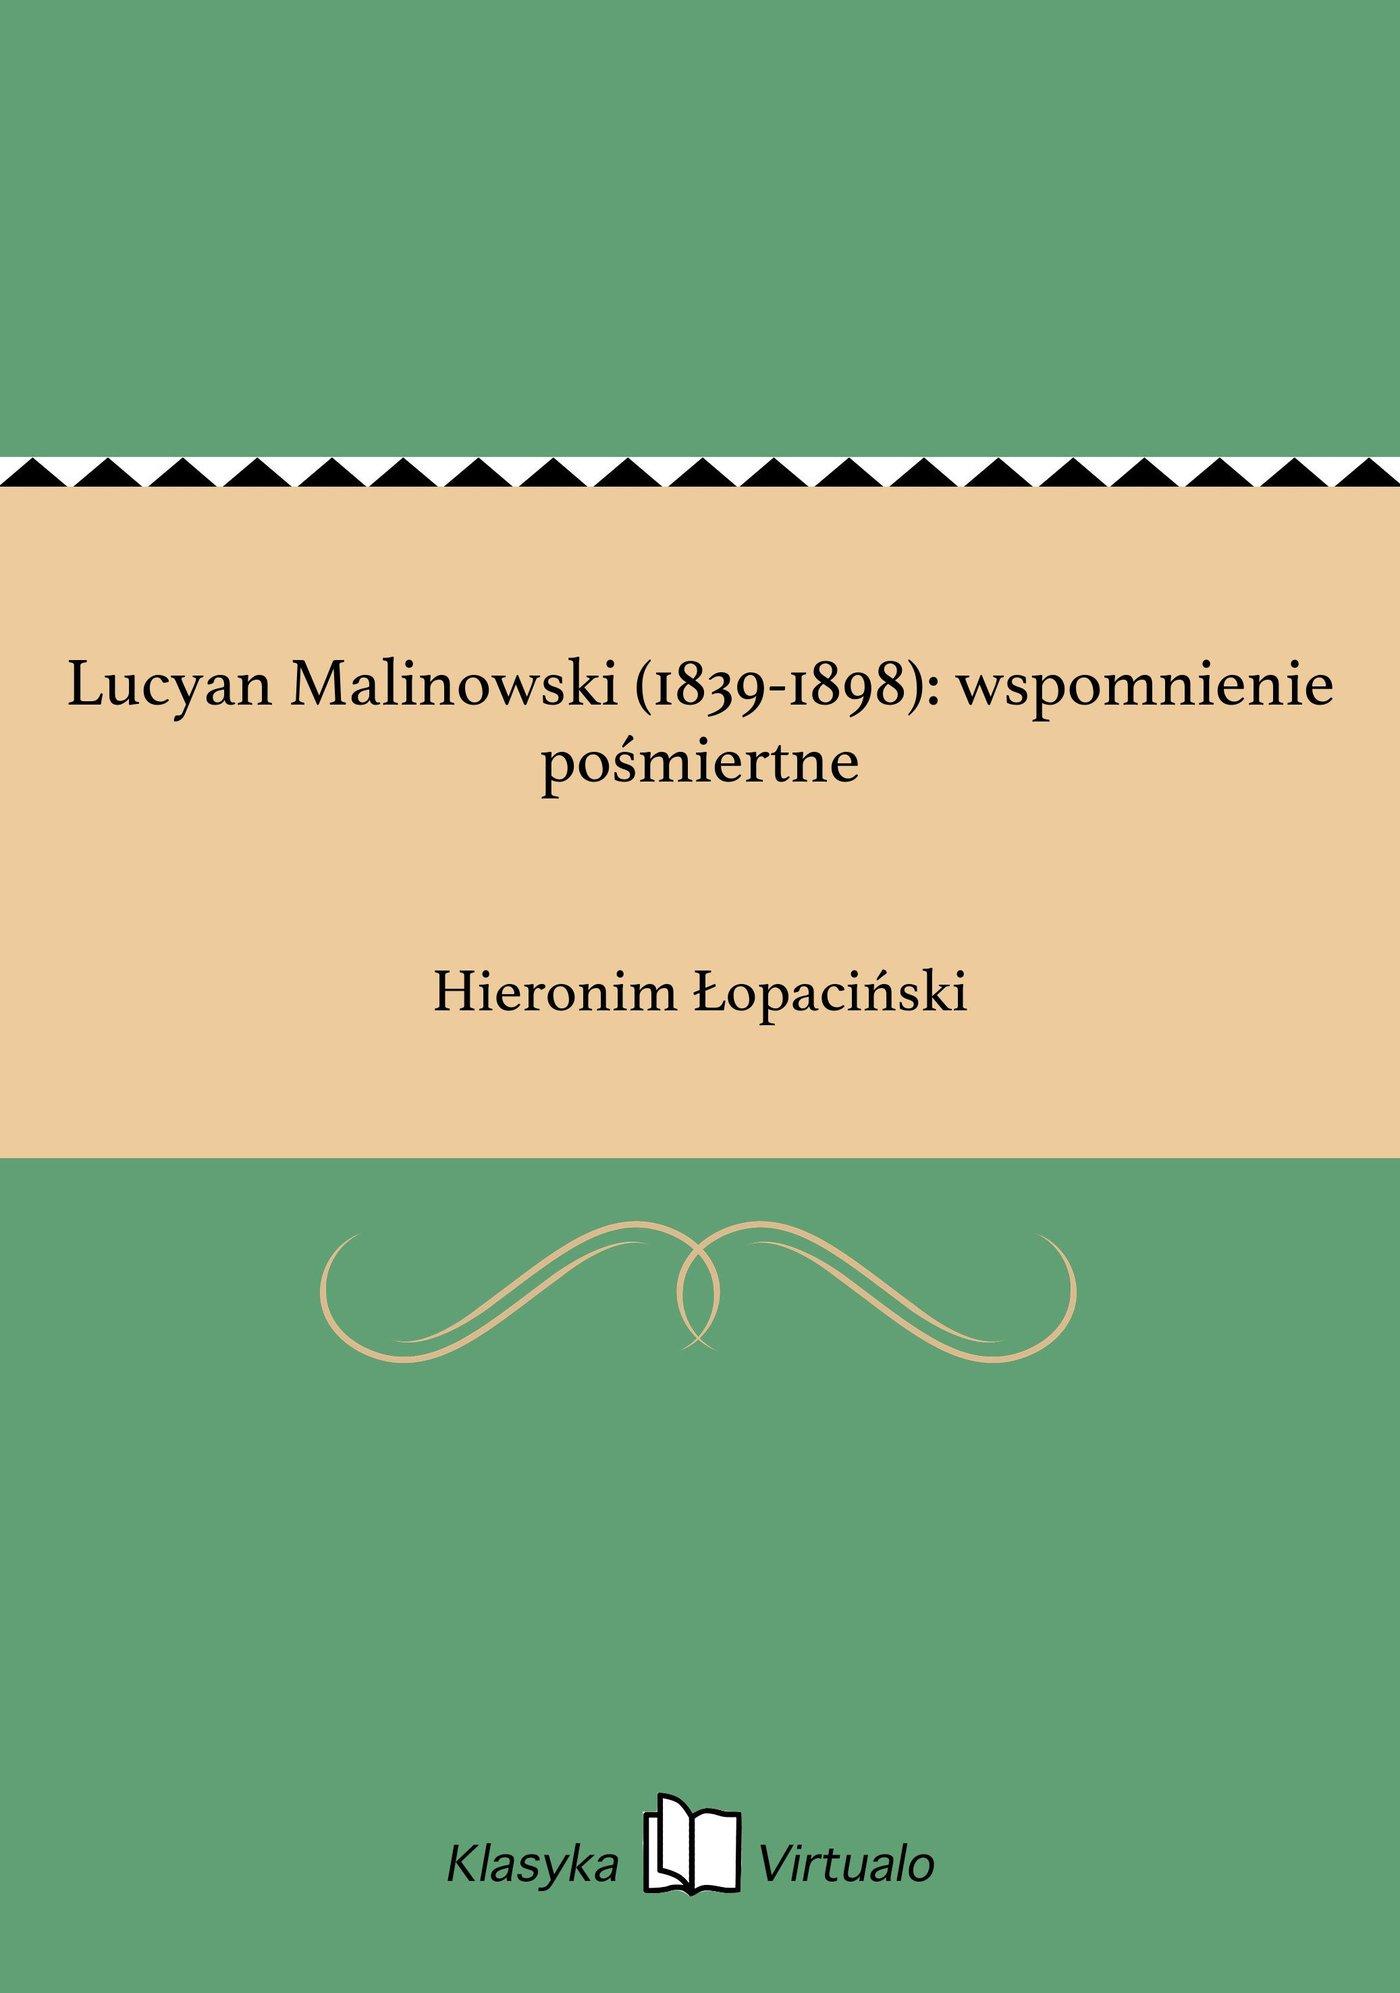 Lucyan Malinowski (1839-1898): wspomnienie pośmiertne - Ebook (Książka EPUB) do pobrania w formacie EPUB